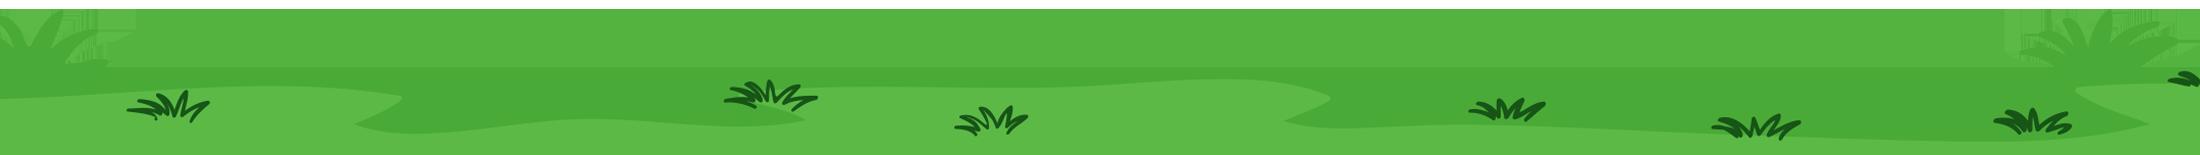 """Санаторій Малятко - До малюків санаторію """"Малятко"""" Святий Миколай цьогоріч примчав у санчатах, запряжених конем!"""